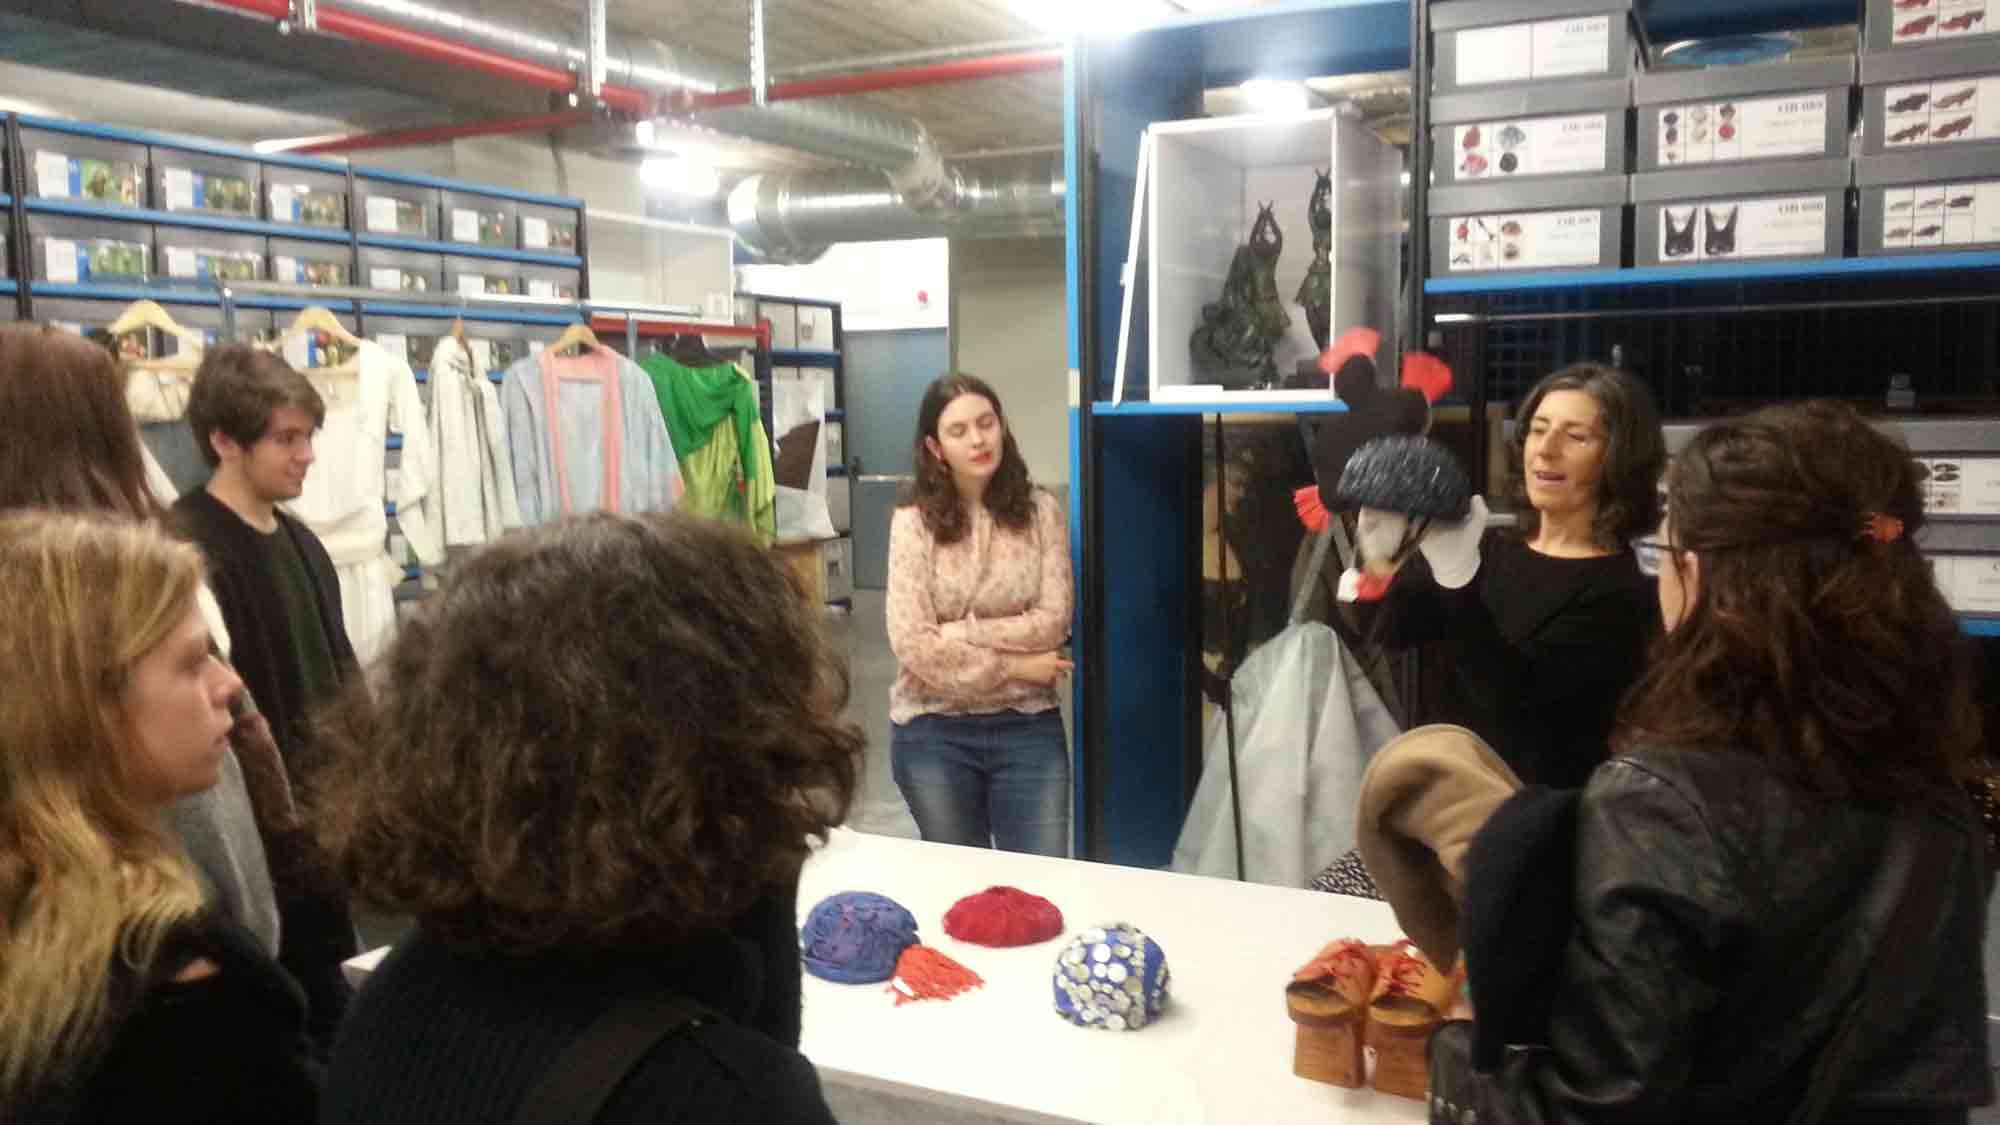 Carme Carreño, conservadora del MAE, mostrant uns complements d'indumentària del fons de la Companyia Gelabert-Azzopardi, a la visita d'alumnes de l'EFCA de Sabadell, 18 març 2016